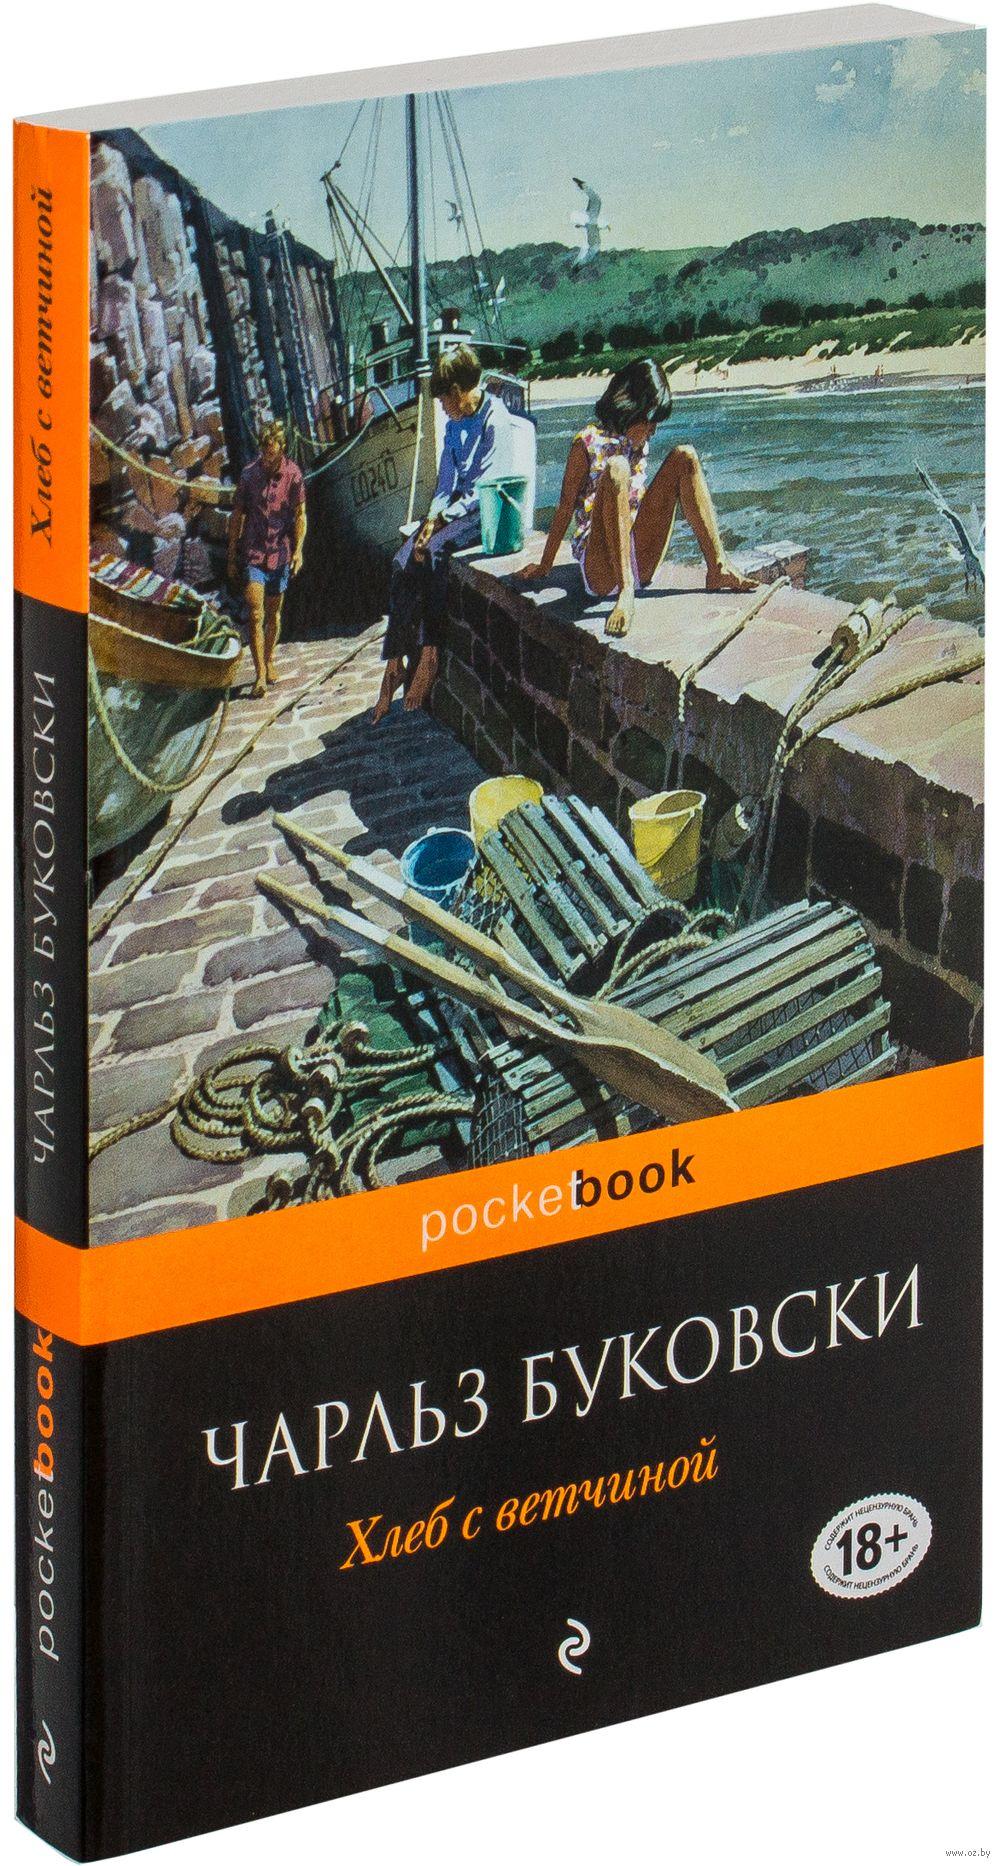 Чарльз буковски книги скачать бесплатно торрент